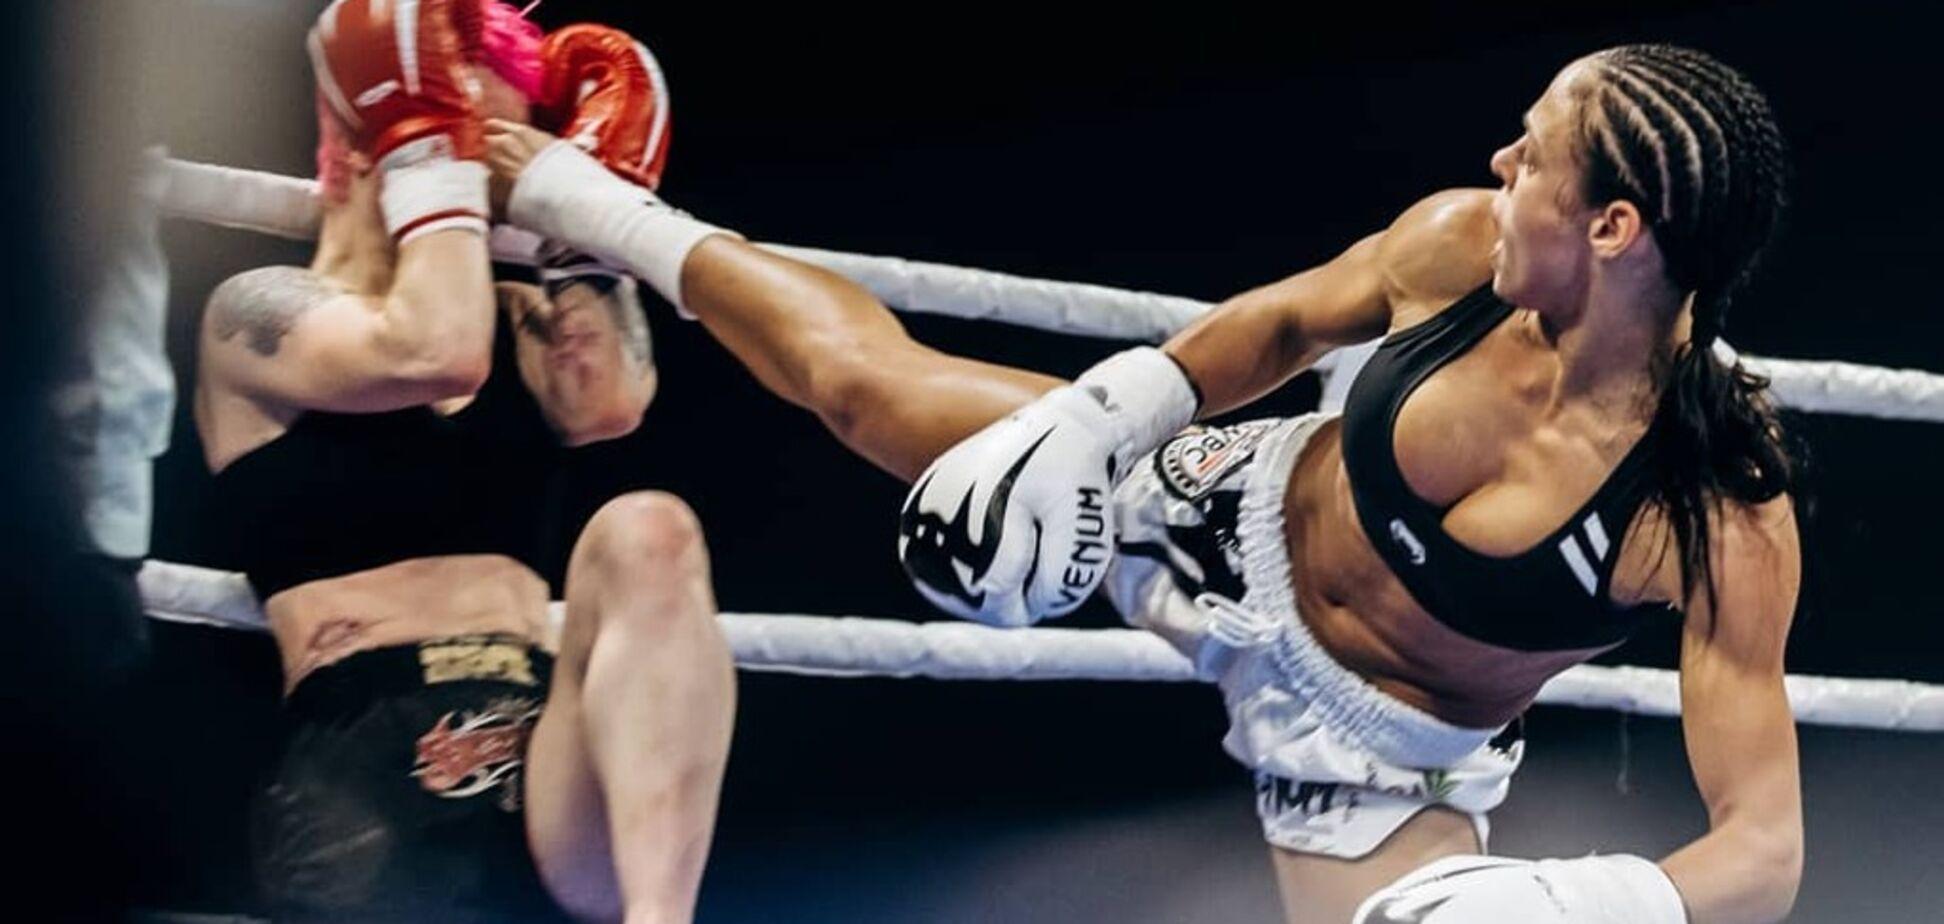 Украинская боксерша-чемпионка рассказала, как наказала грабителя